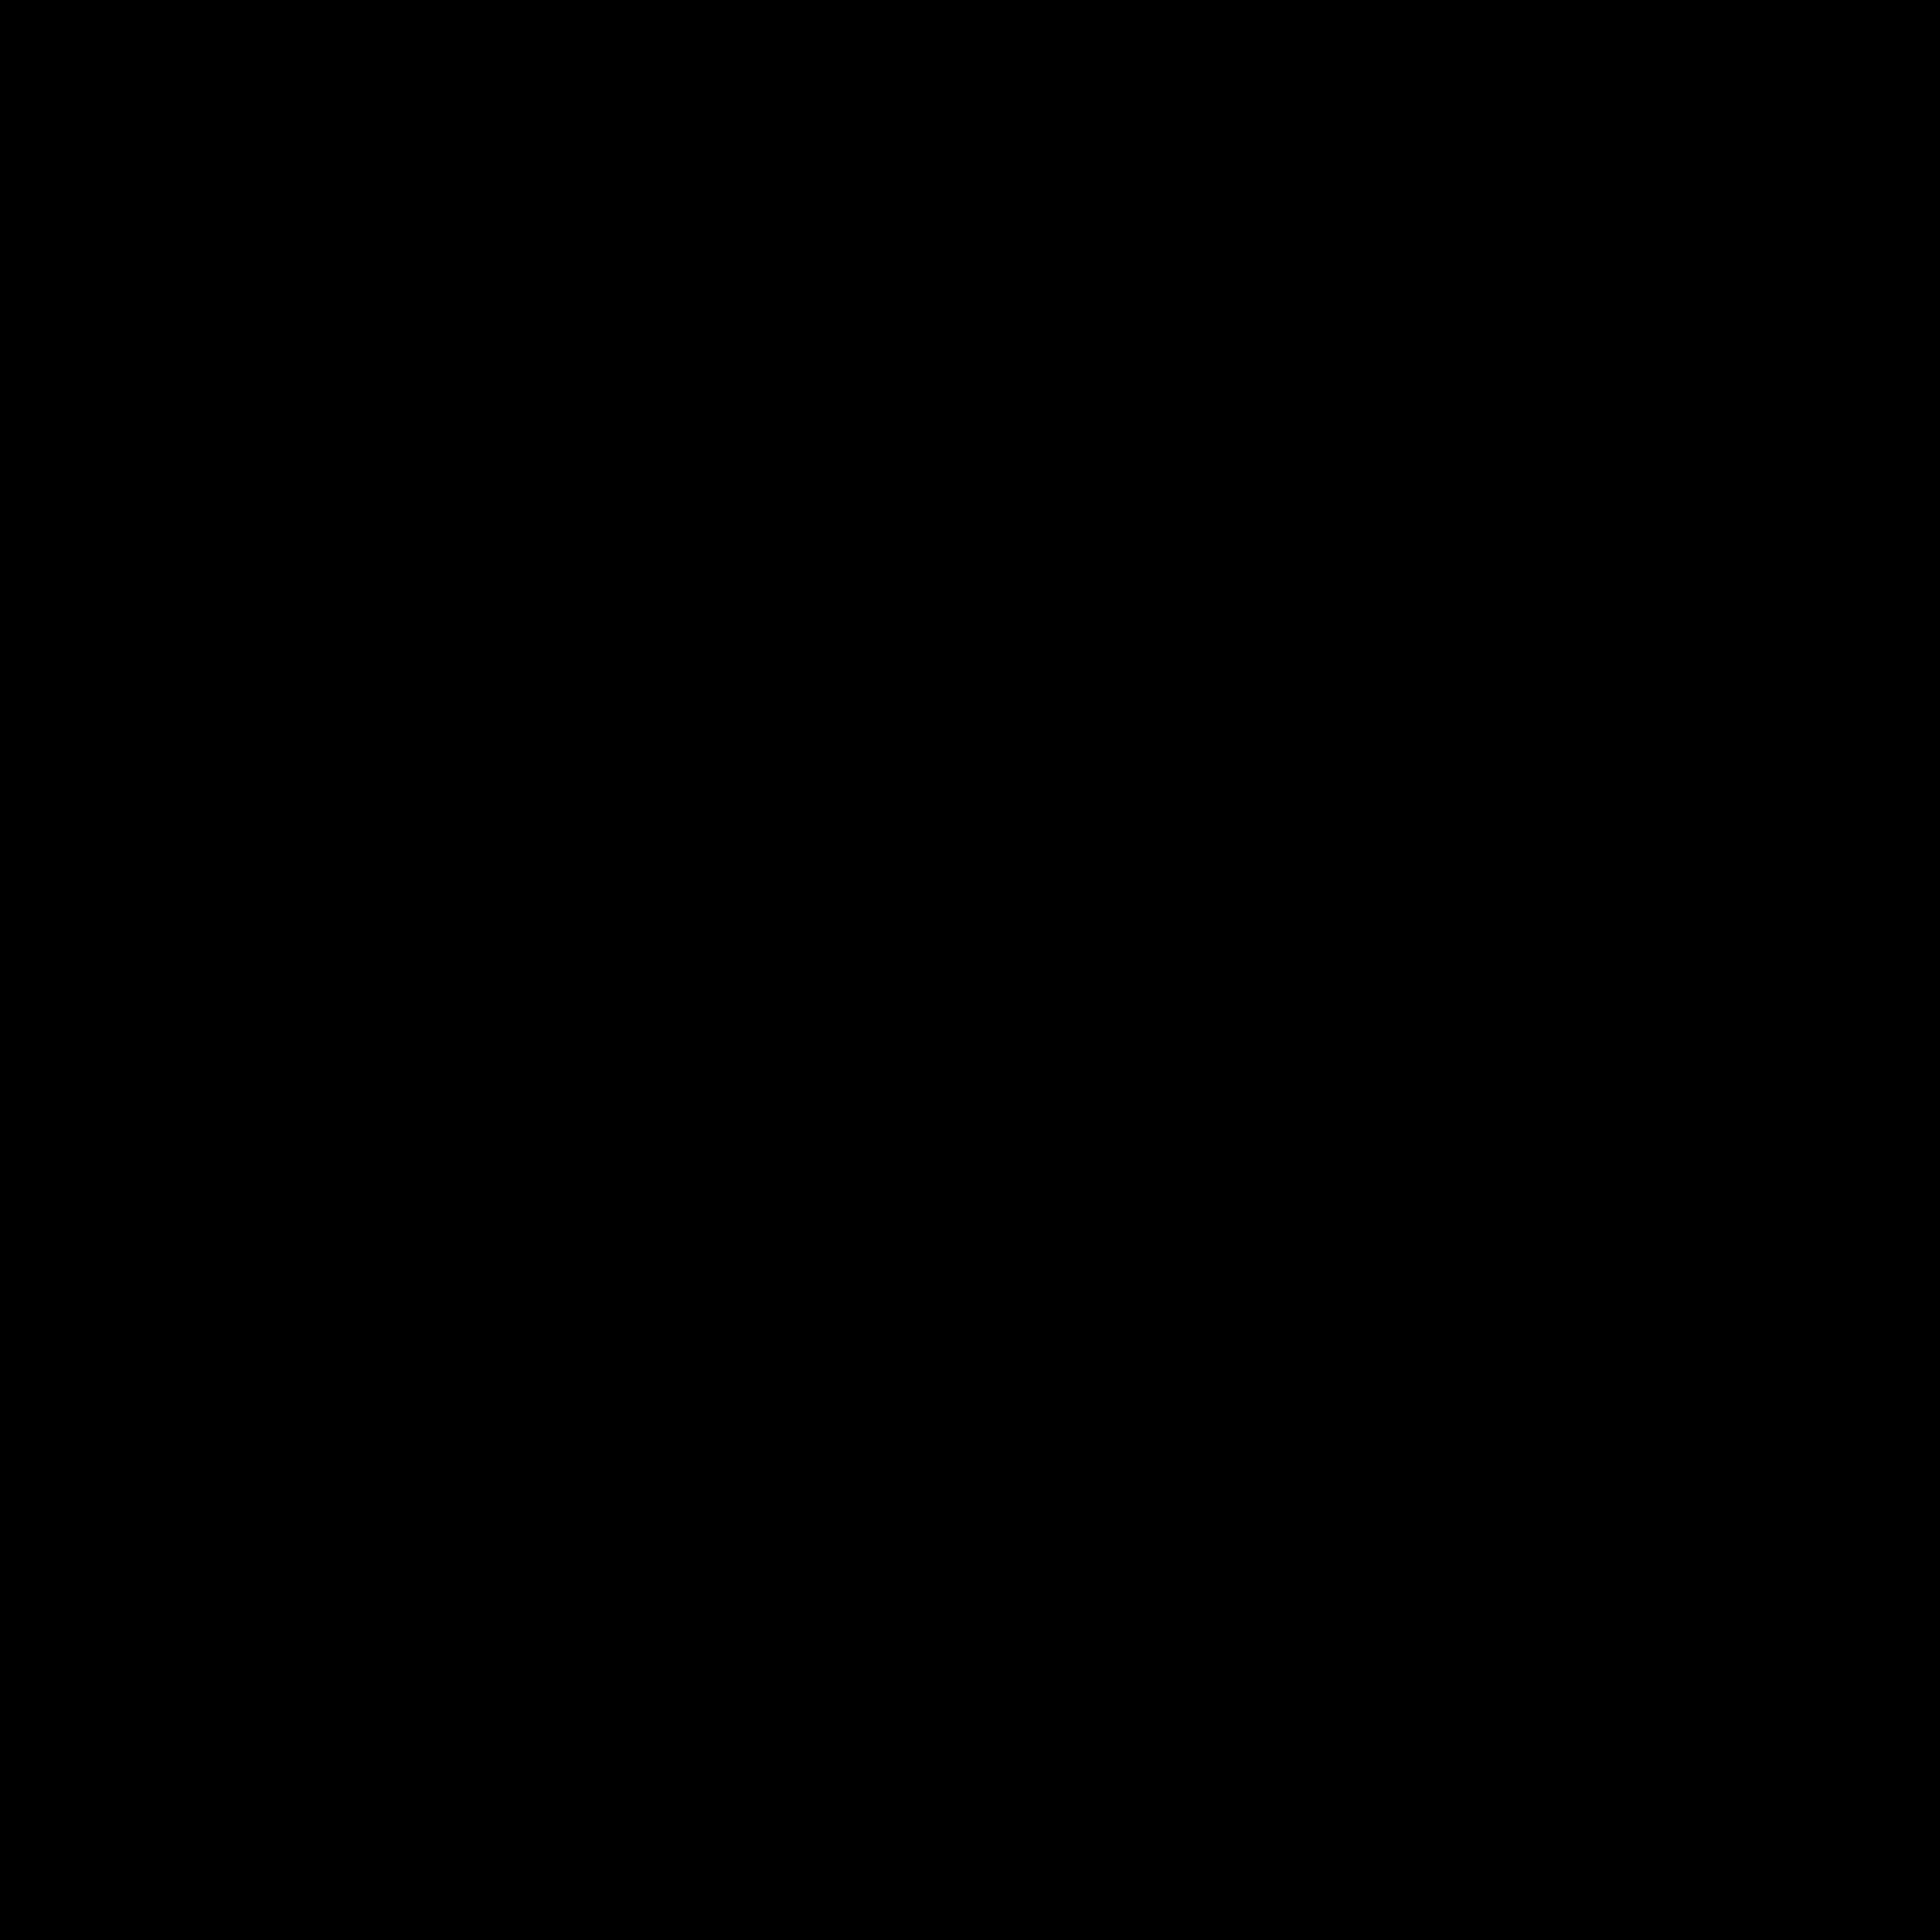 Fabriqué au Royaume-Uni made in England étiquettes étiquettes avec drapeau de l/'Union Jack étiquette tissée